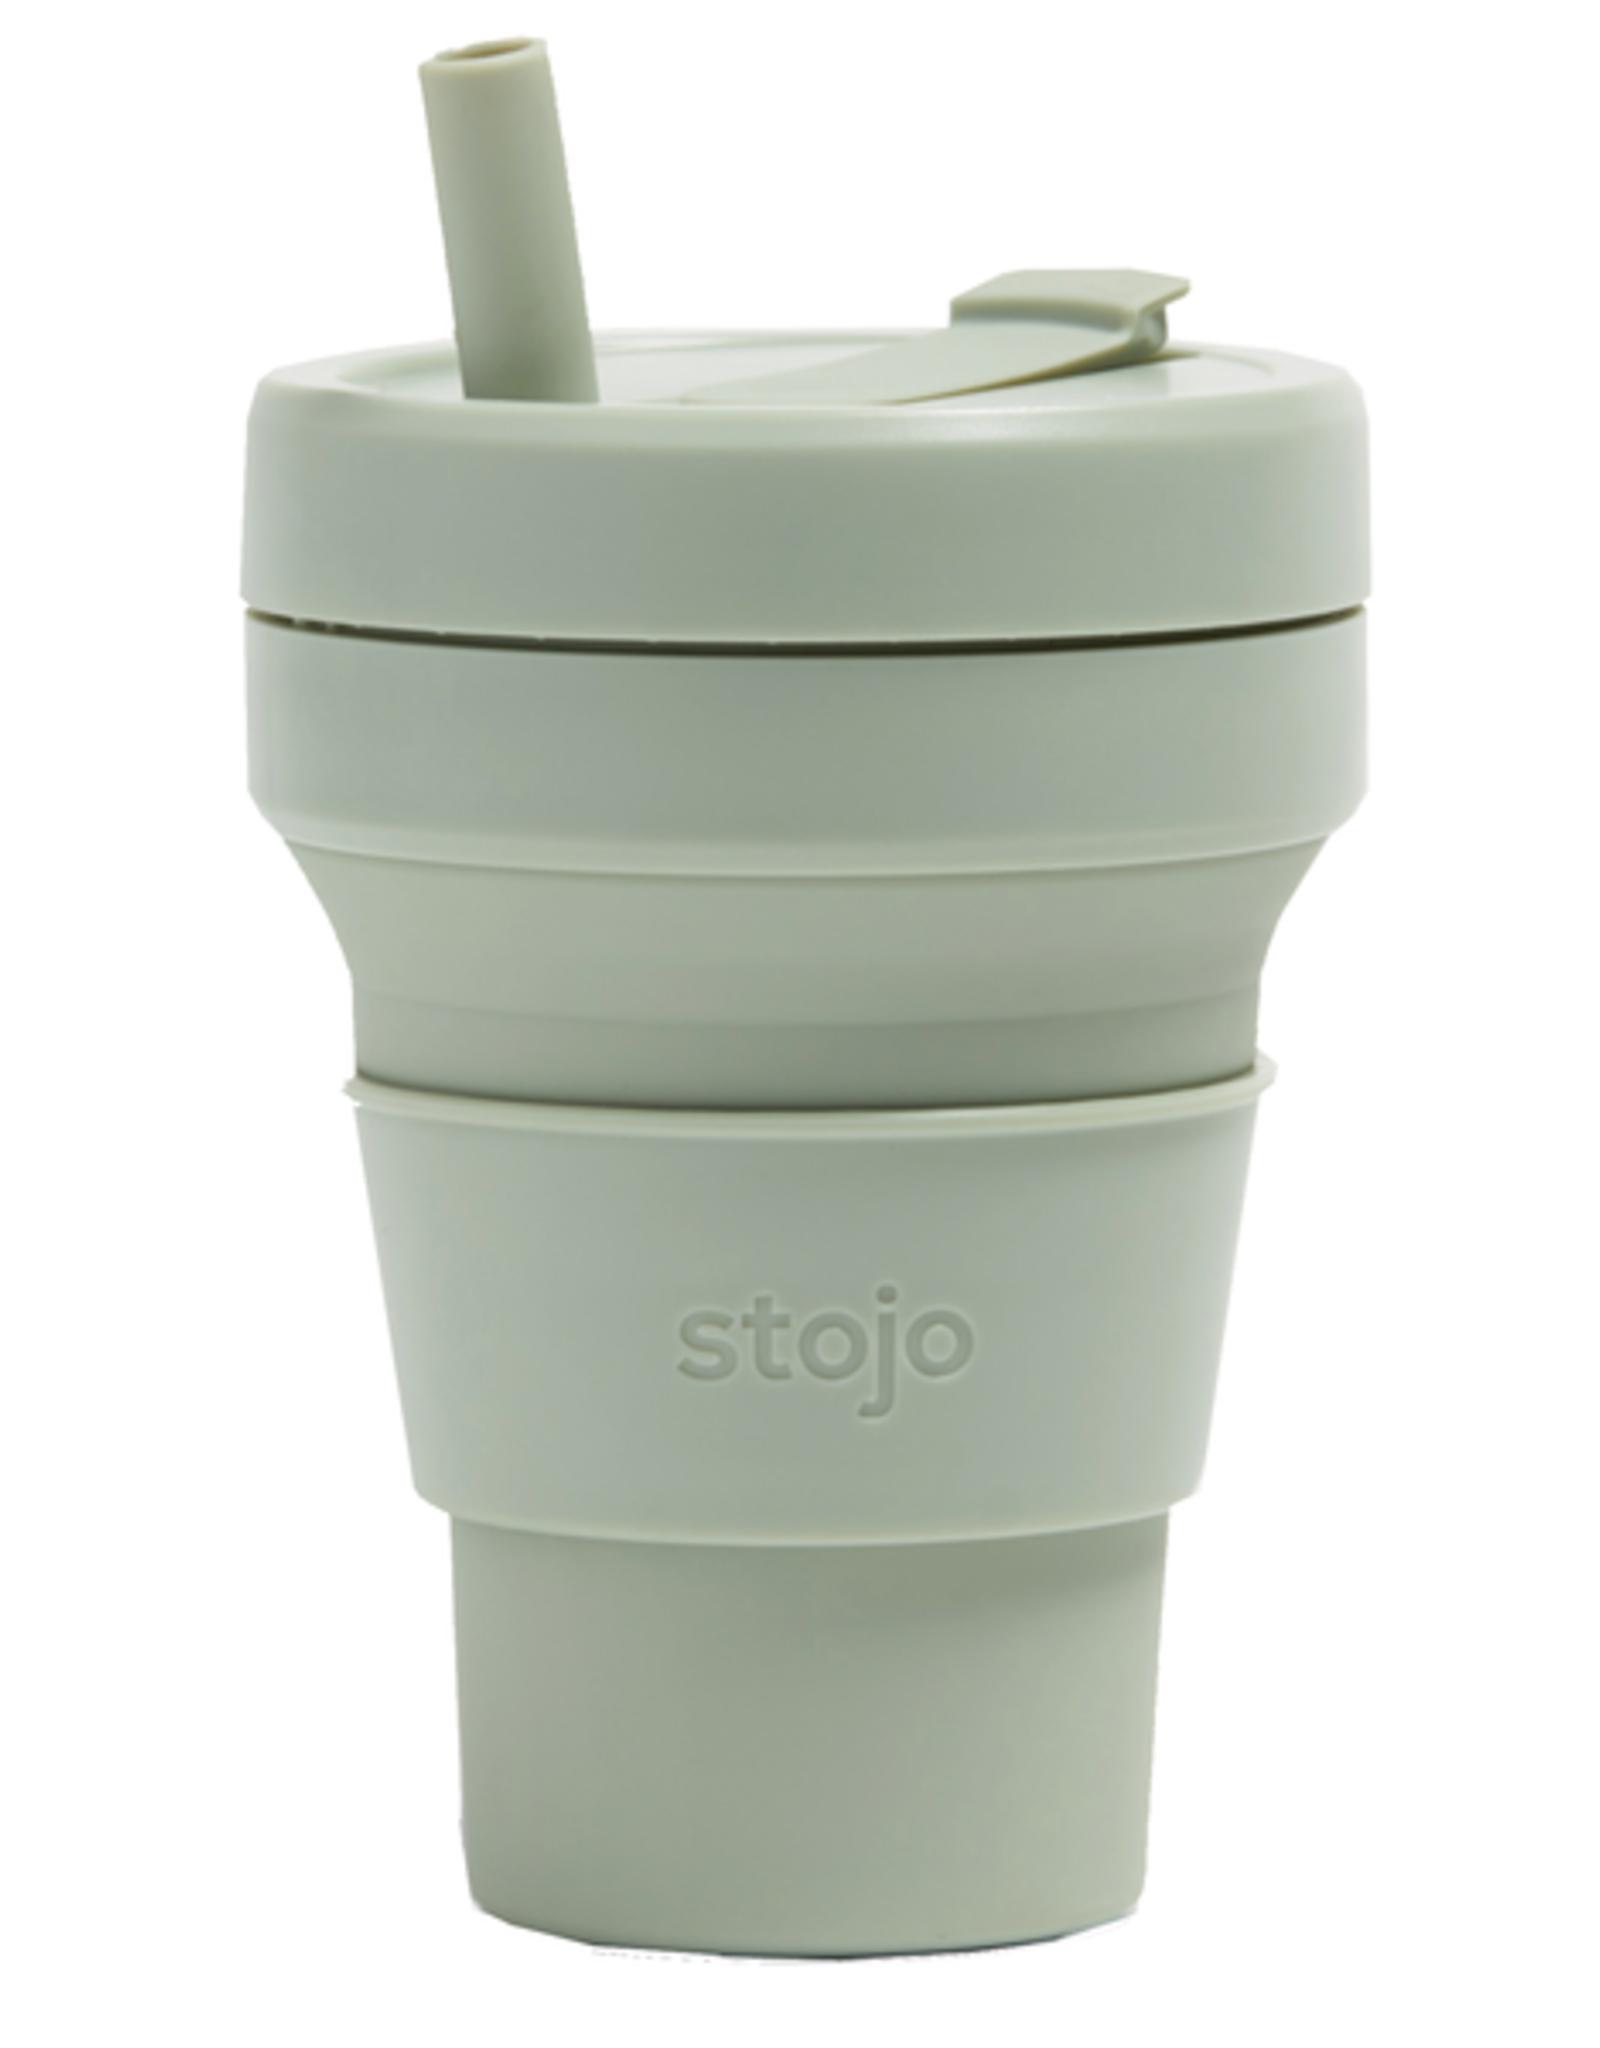 Stojo Stojo Collapsable Travel Cup